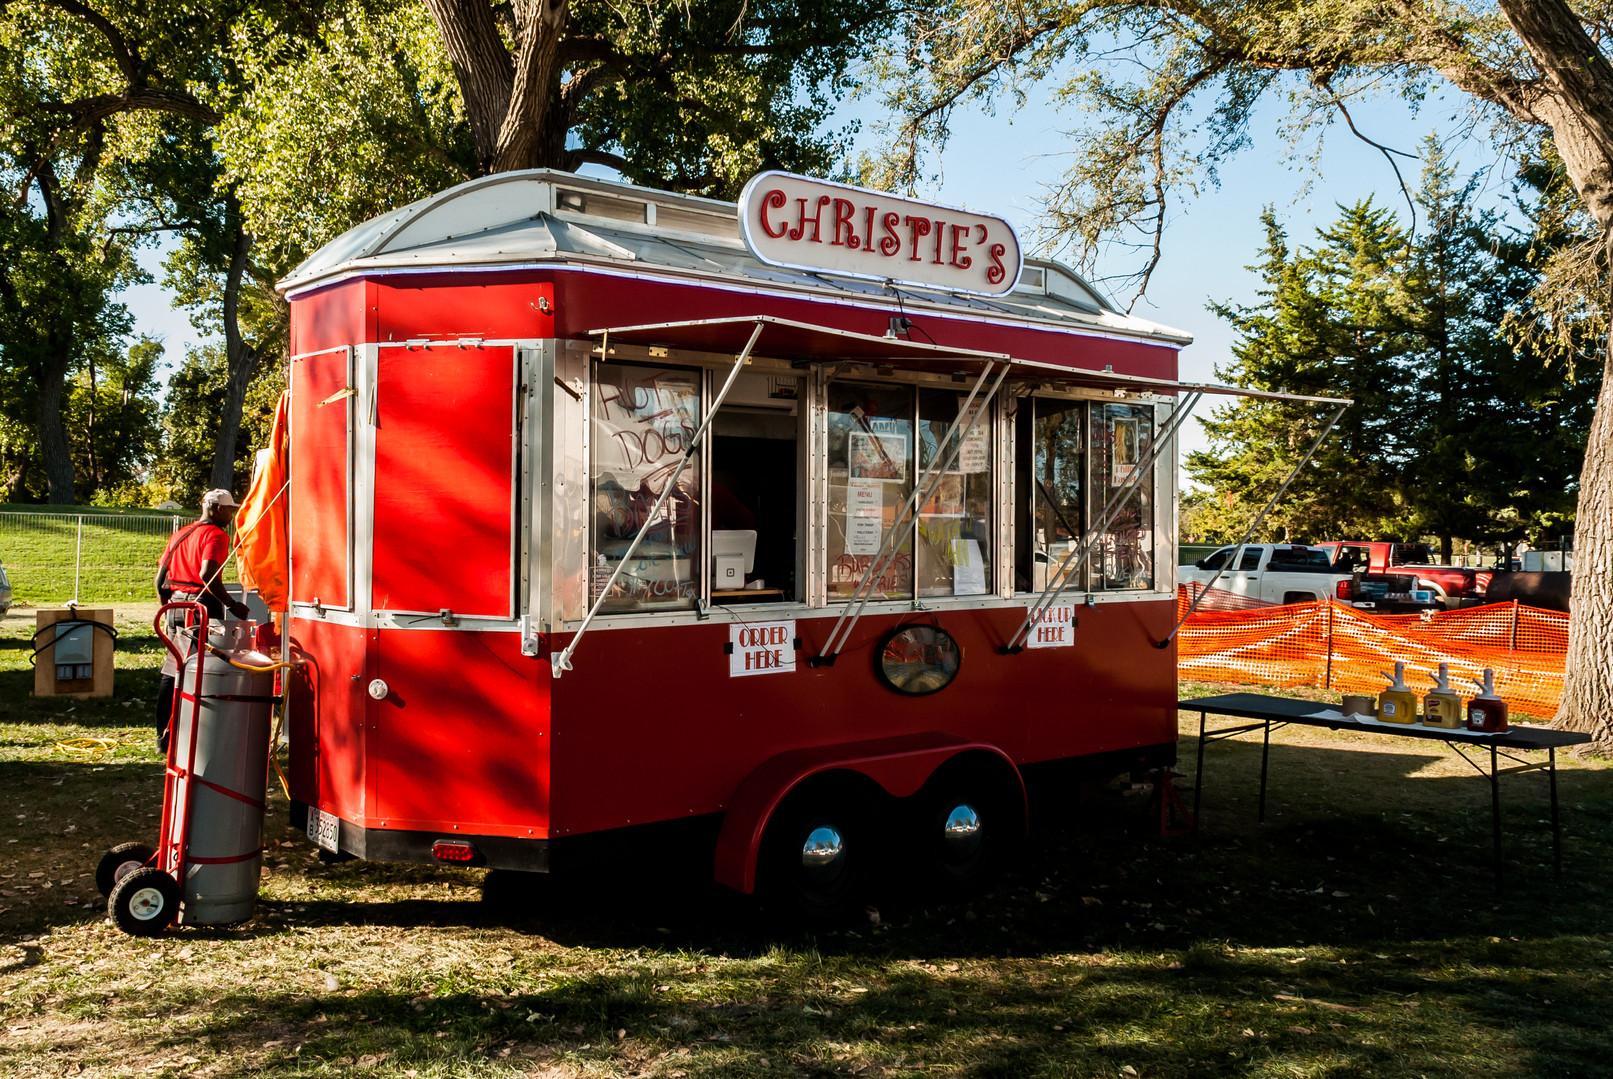 OktoberfestHays Vendors